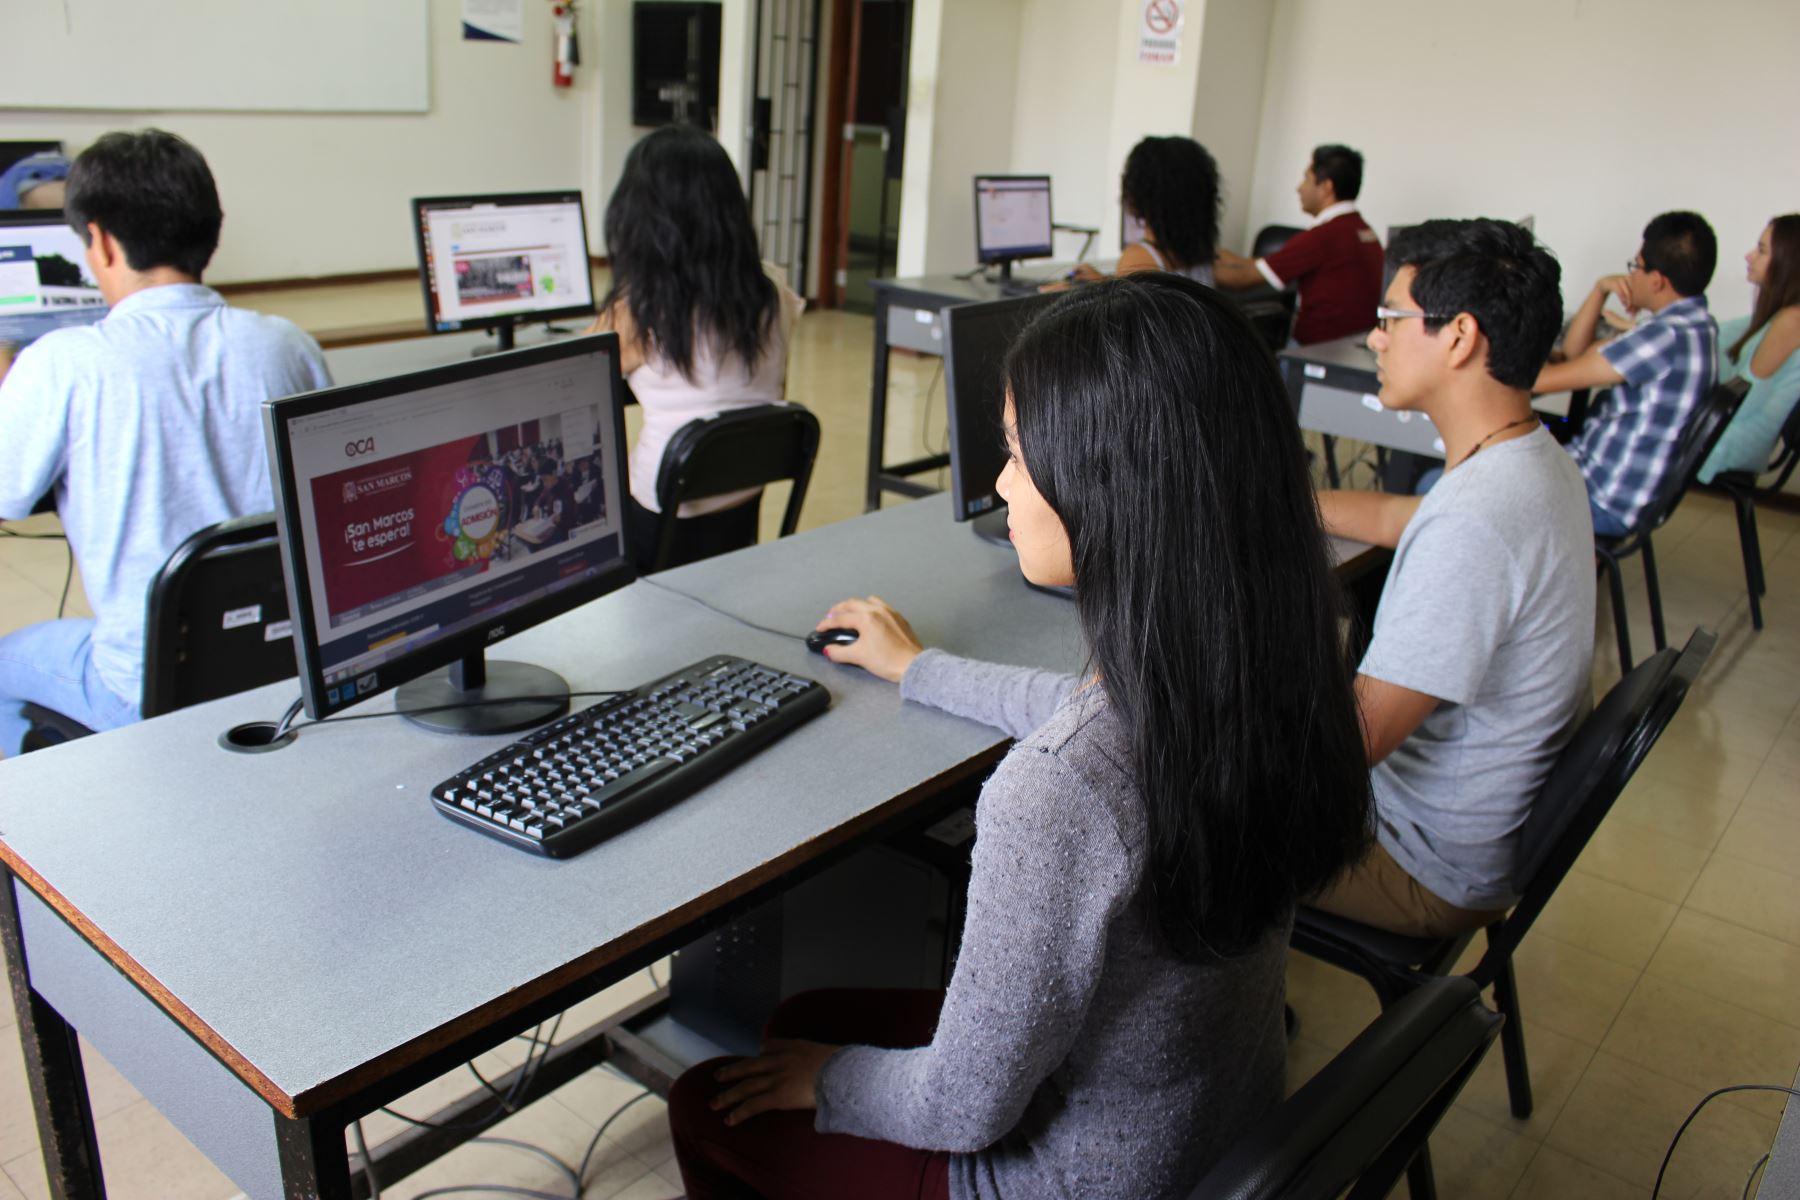 La universidad también instó a las empresas de telefonía a no realizar ningún tipo de mantenimiento a los servicios. Foto: UNMSM